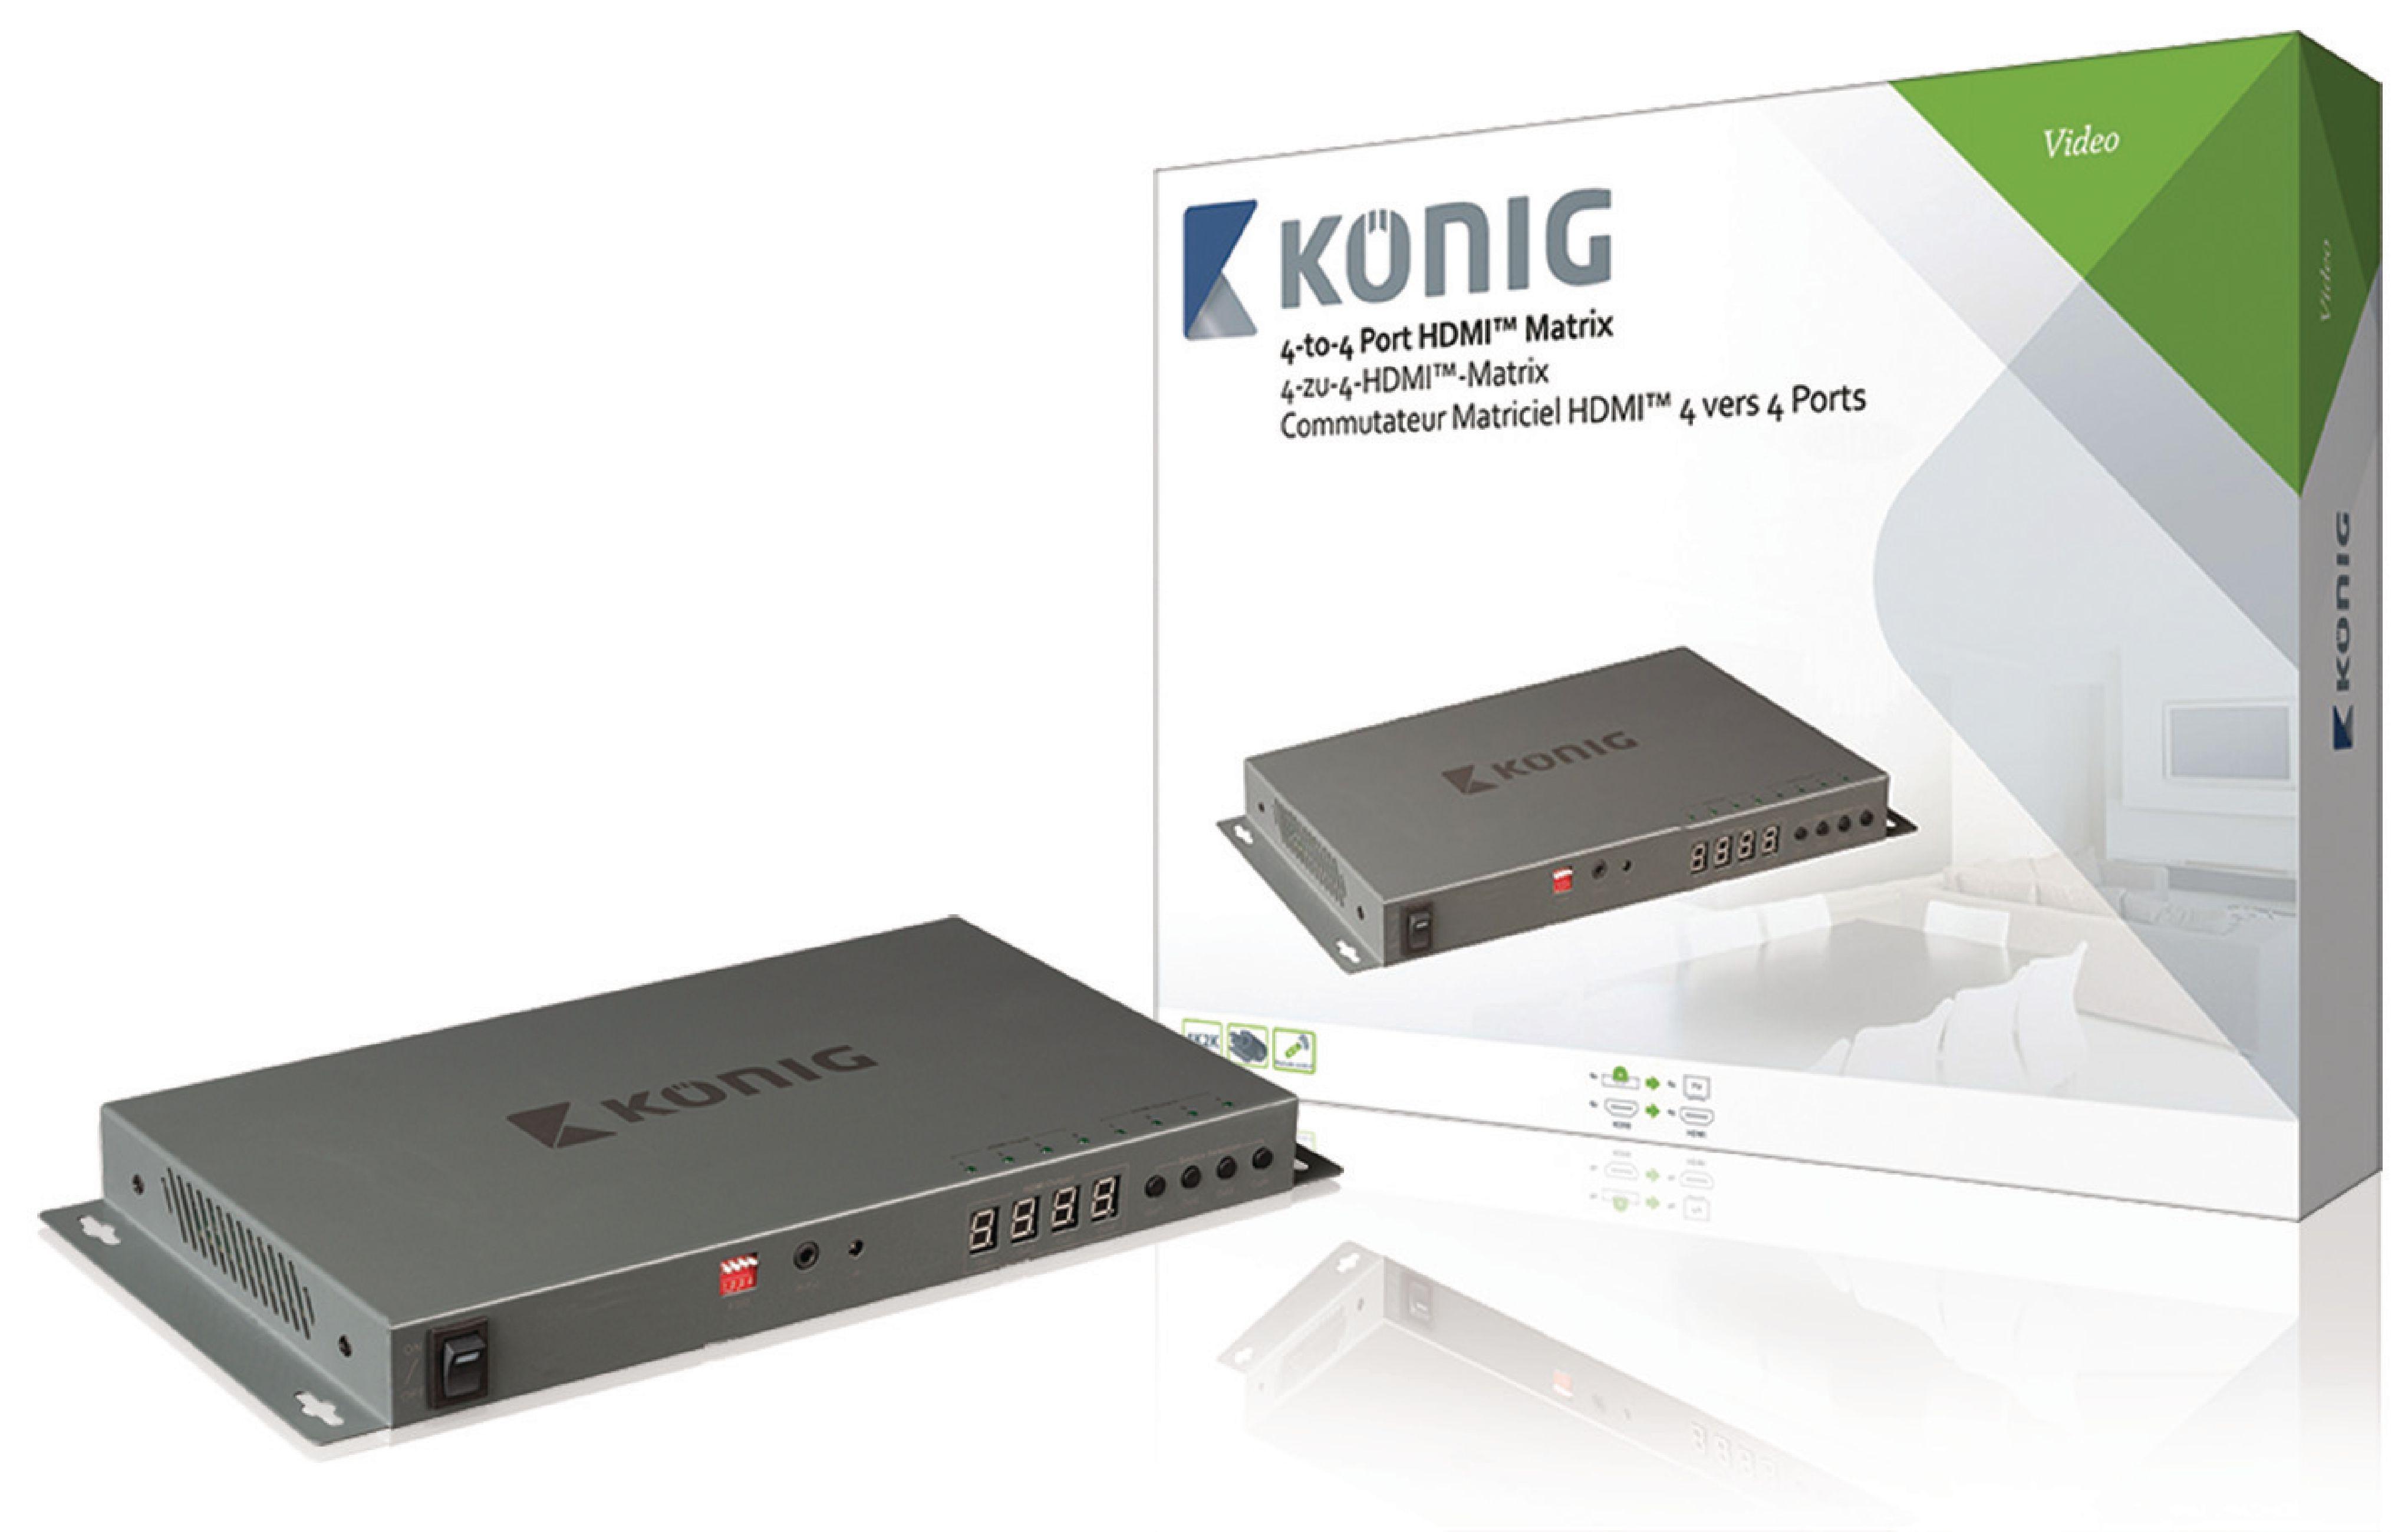 HDMI 4K2K maticový přepínač 4 vstupy na 4 výstup König KNVMA3444